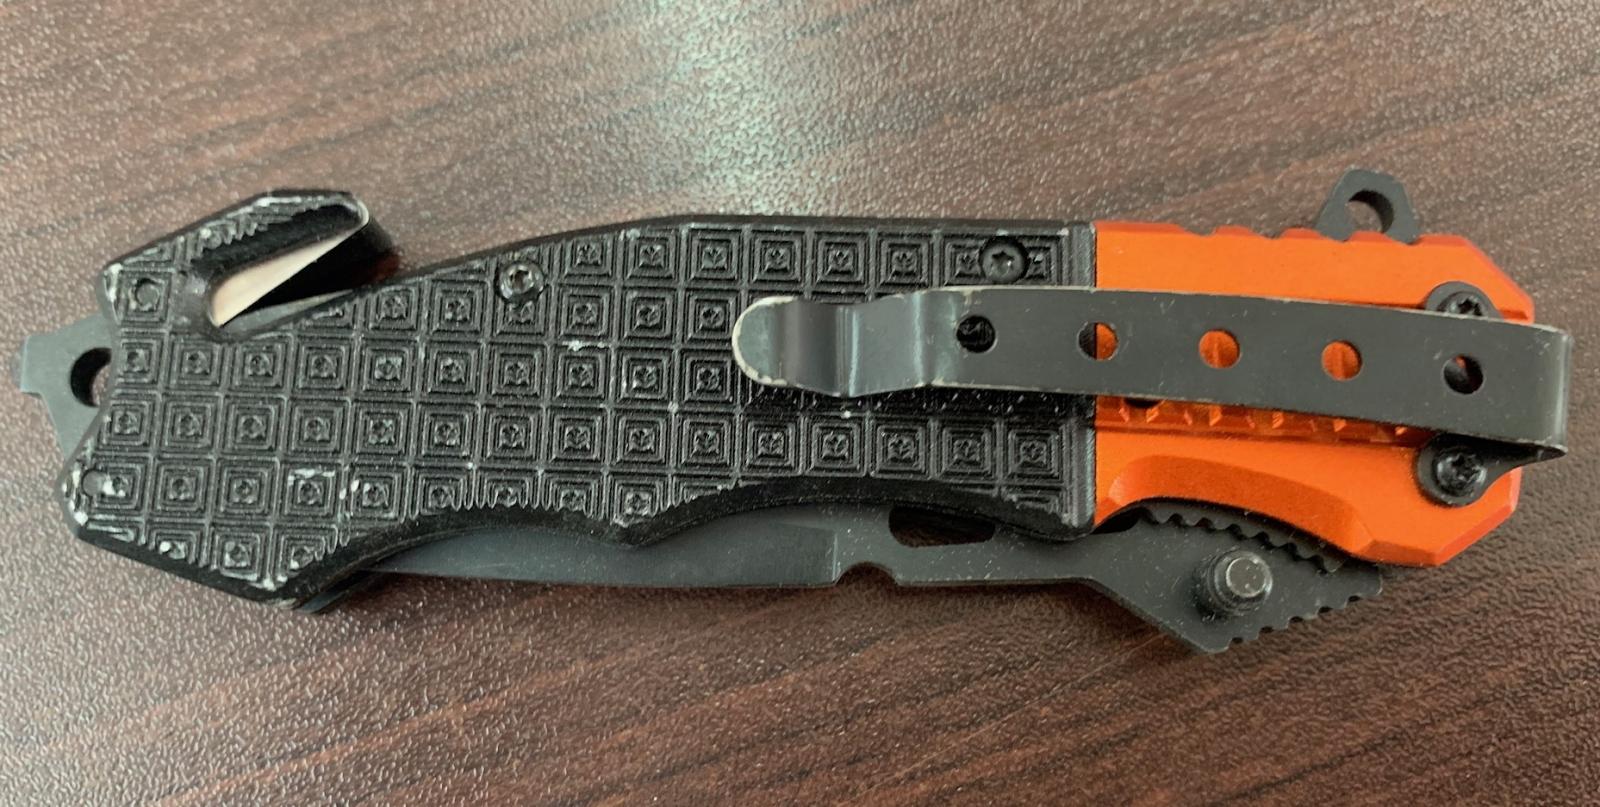 Складной нож с оранжево-черной рукоятью и стеклобоем